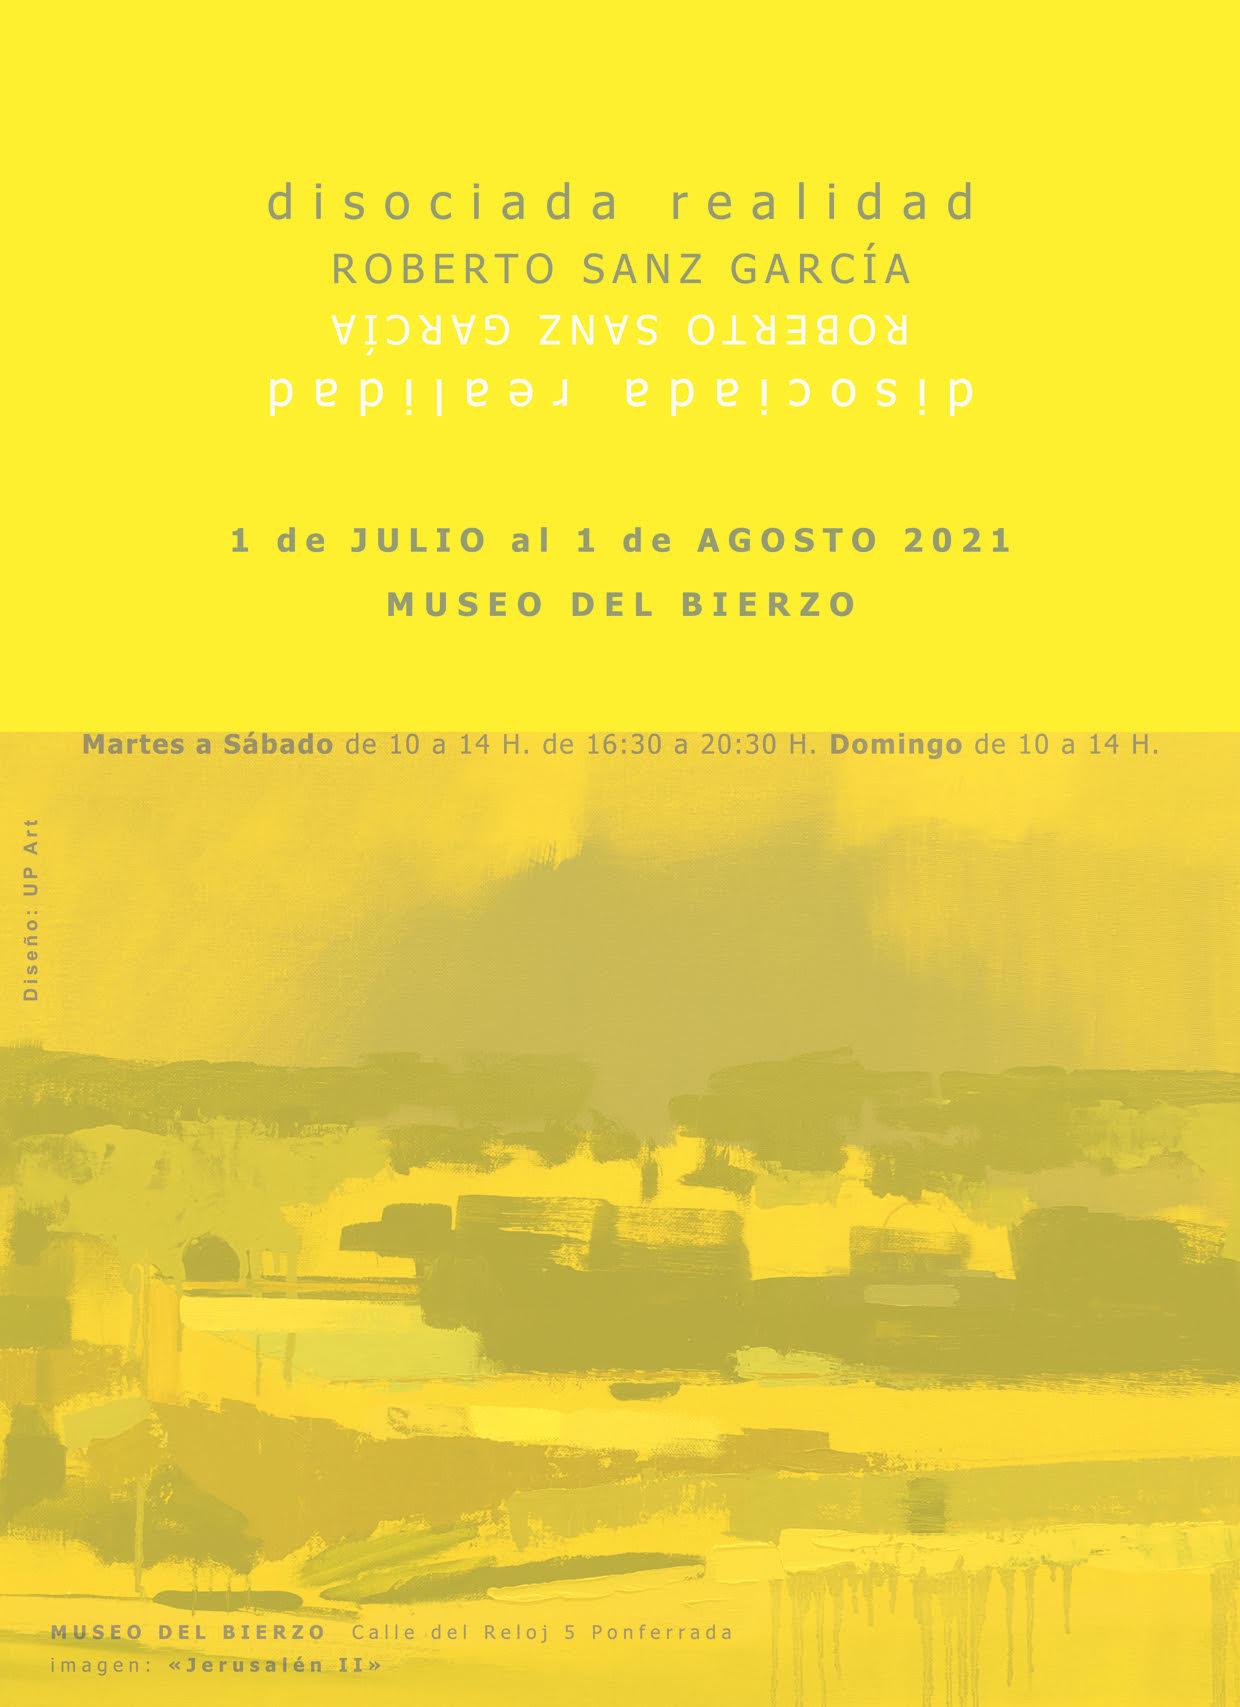 Exposición DISOCIADA REALIDAD Roberto Sanz Museo del Bierzo 1